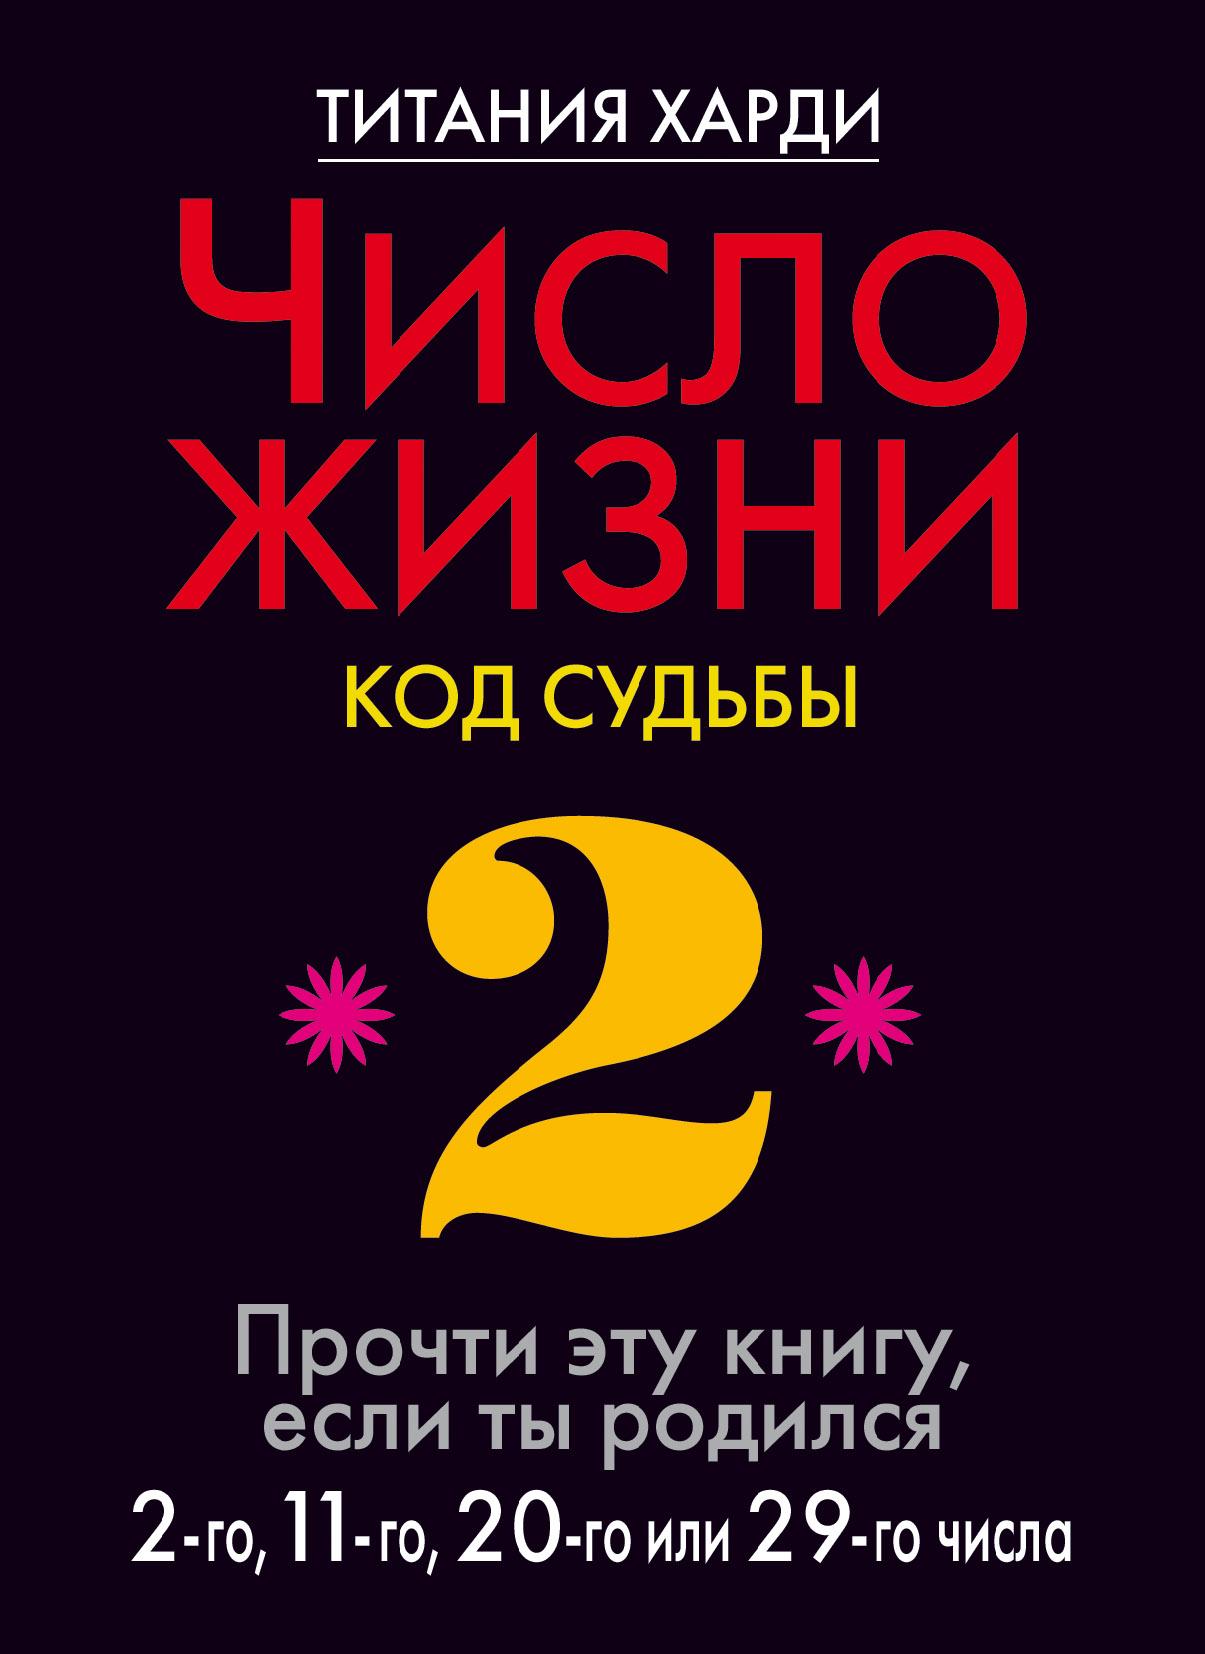 Книга Число жизни. Код судьбы. Прочти эту книгу, если ты родился 2-го, 11-го, 20-го или 29-го числа